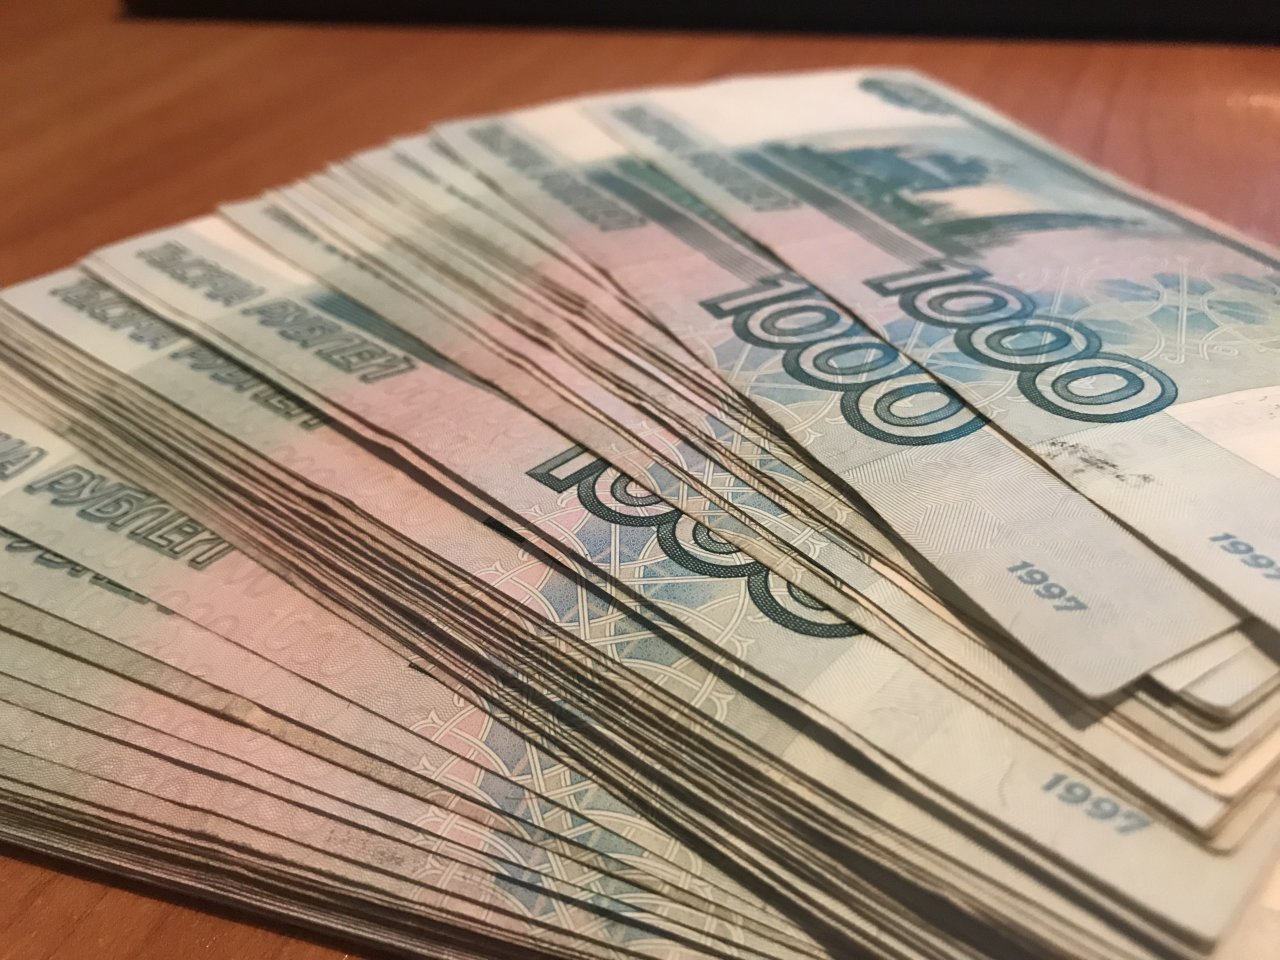 Крупнейшие банки России вновь подняли ставки рублевых вкладов